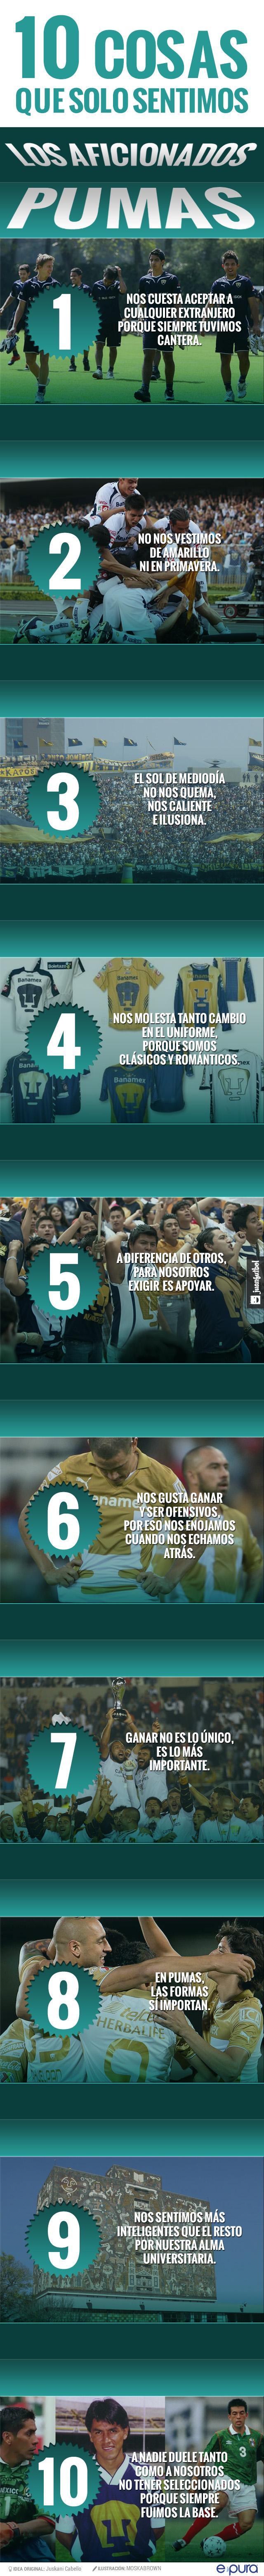 infografía sobre las 10 cosas que solo sienten los aficionados a Pumas